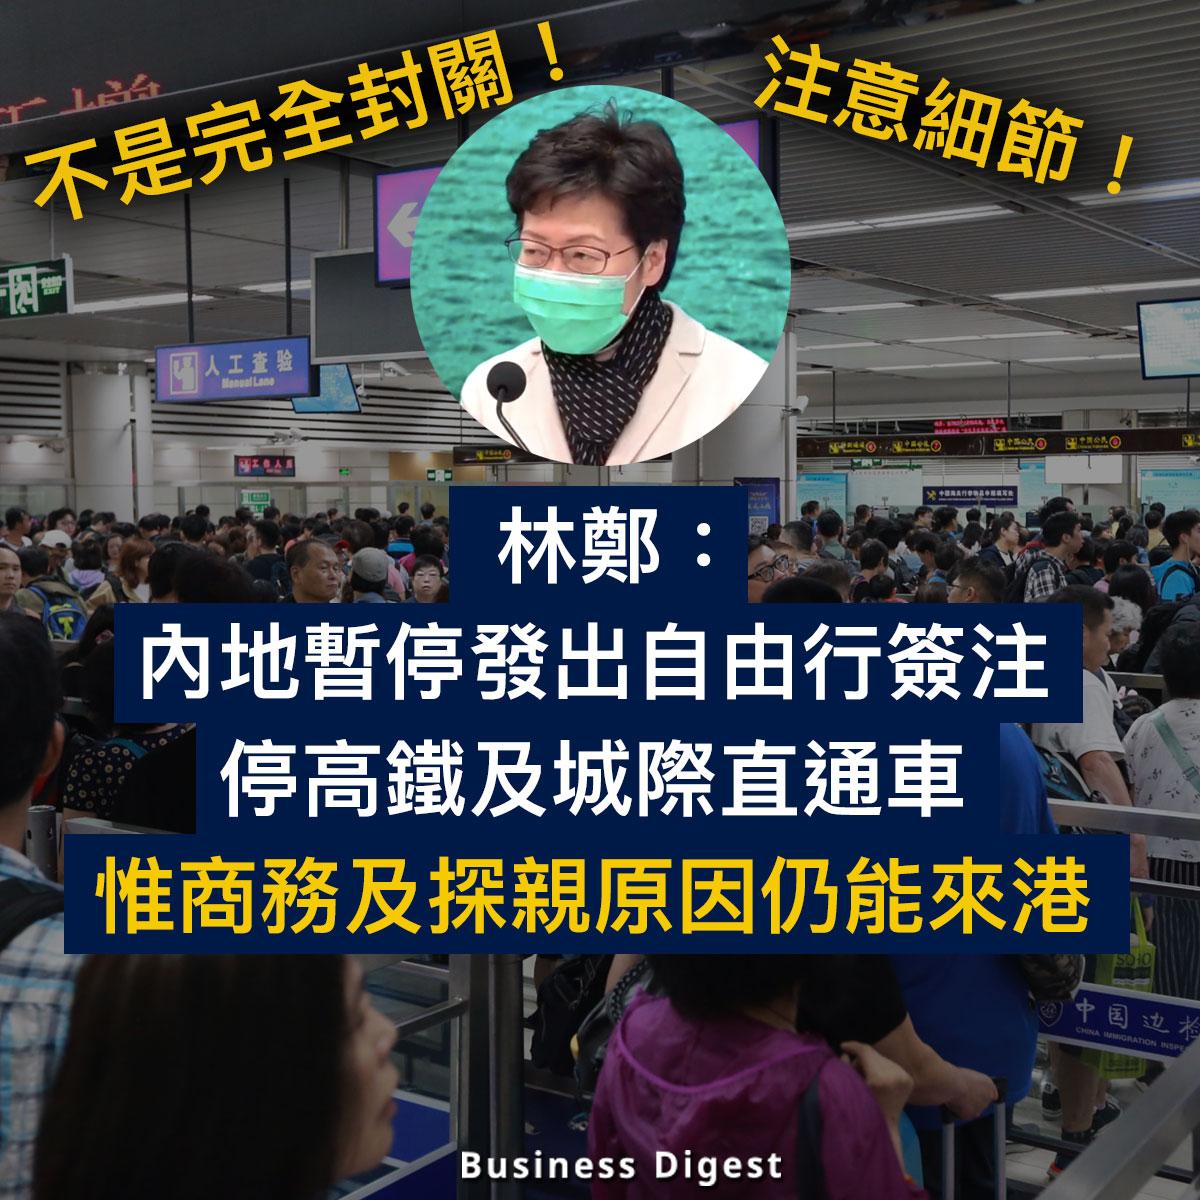 【全城關注】 林鄭月娥今日公佈了什麼措施?一定要注意細節!